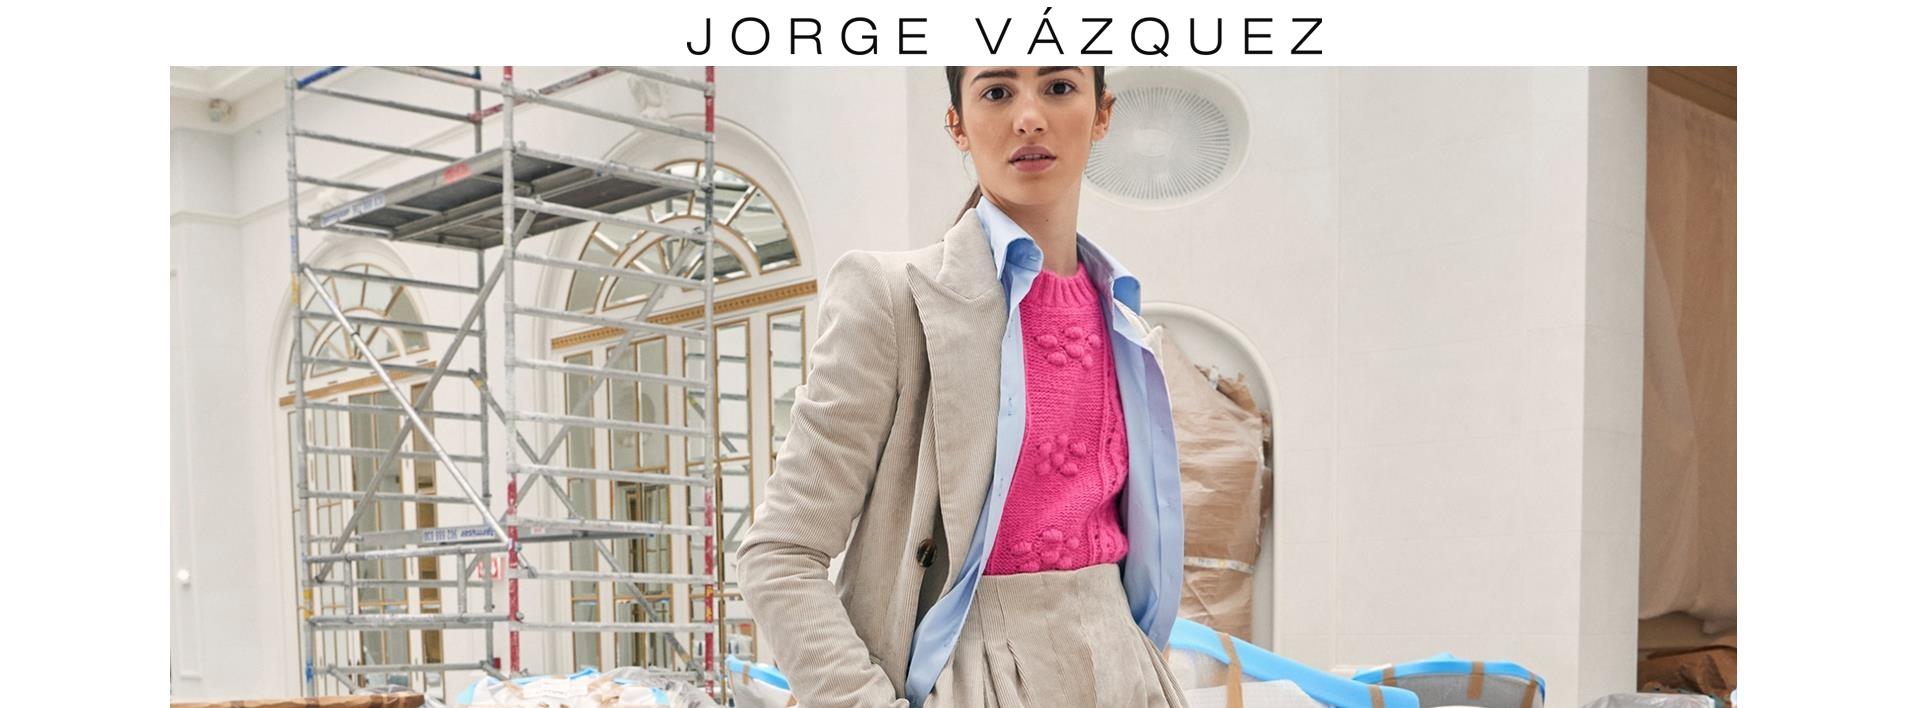 jorge-vazquez-banner-invierno